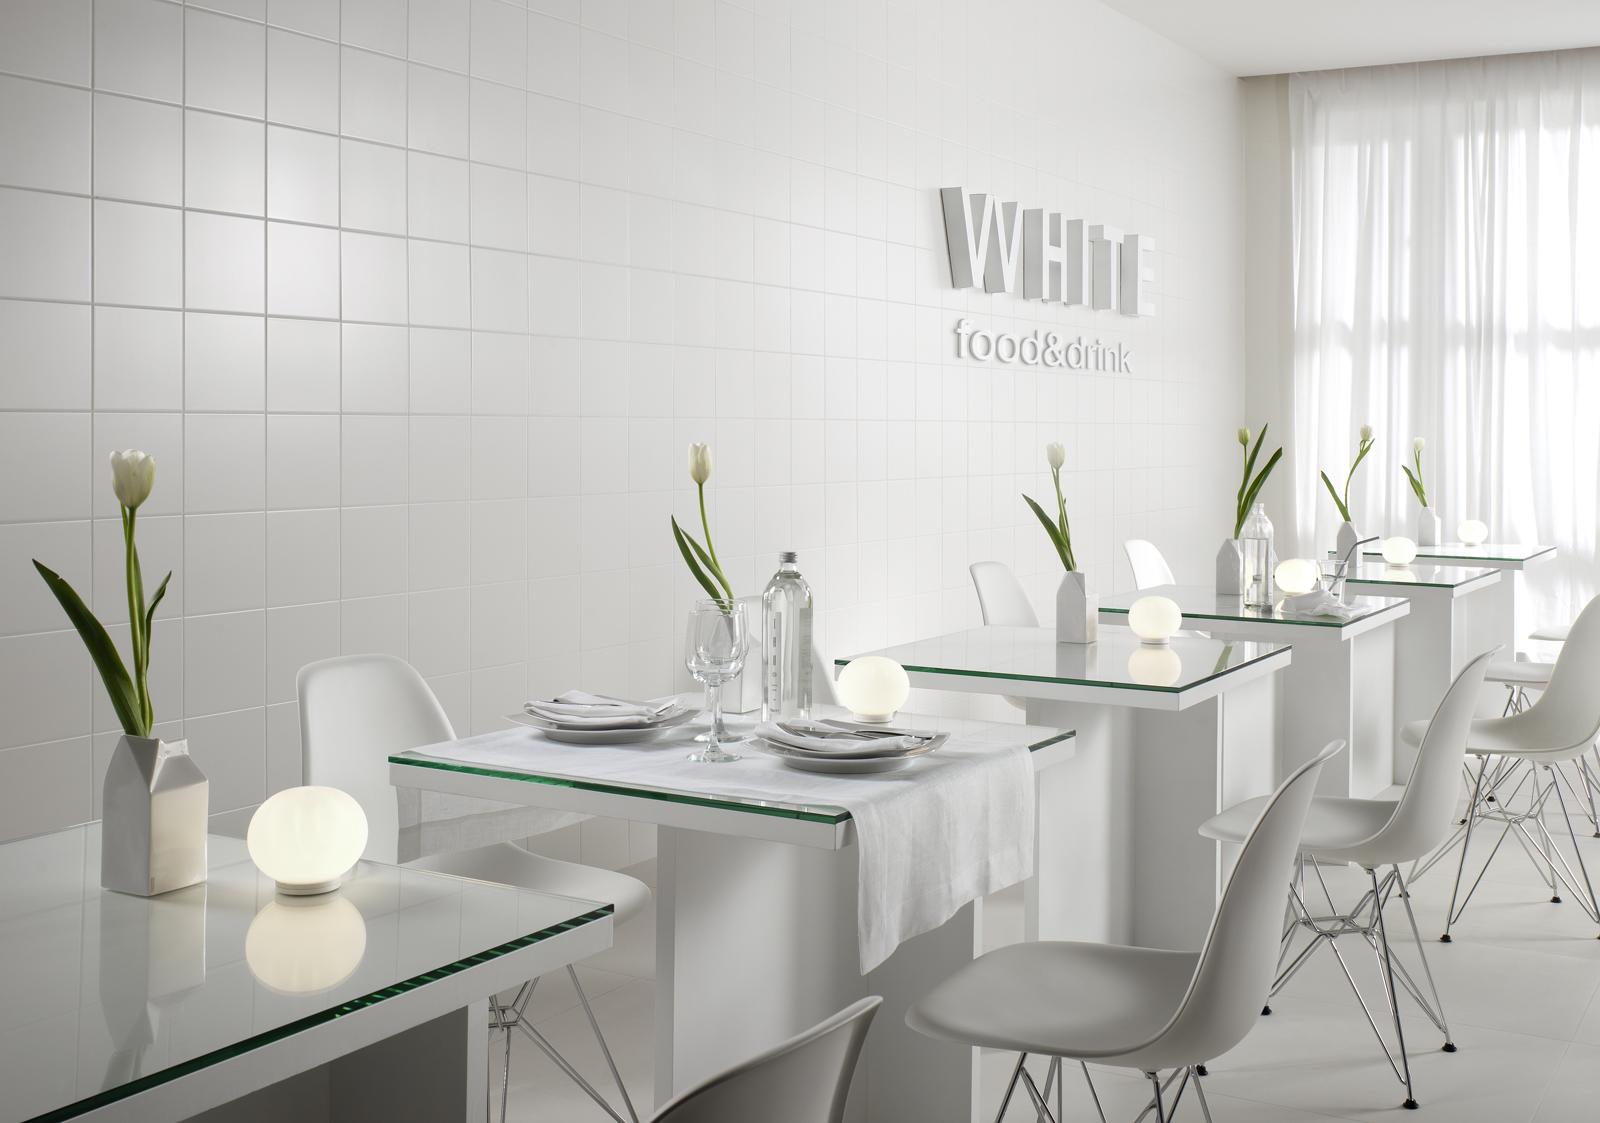 Piastrelle cucina bianche scegliere le piastrelle per